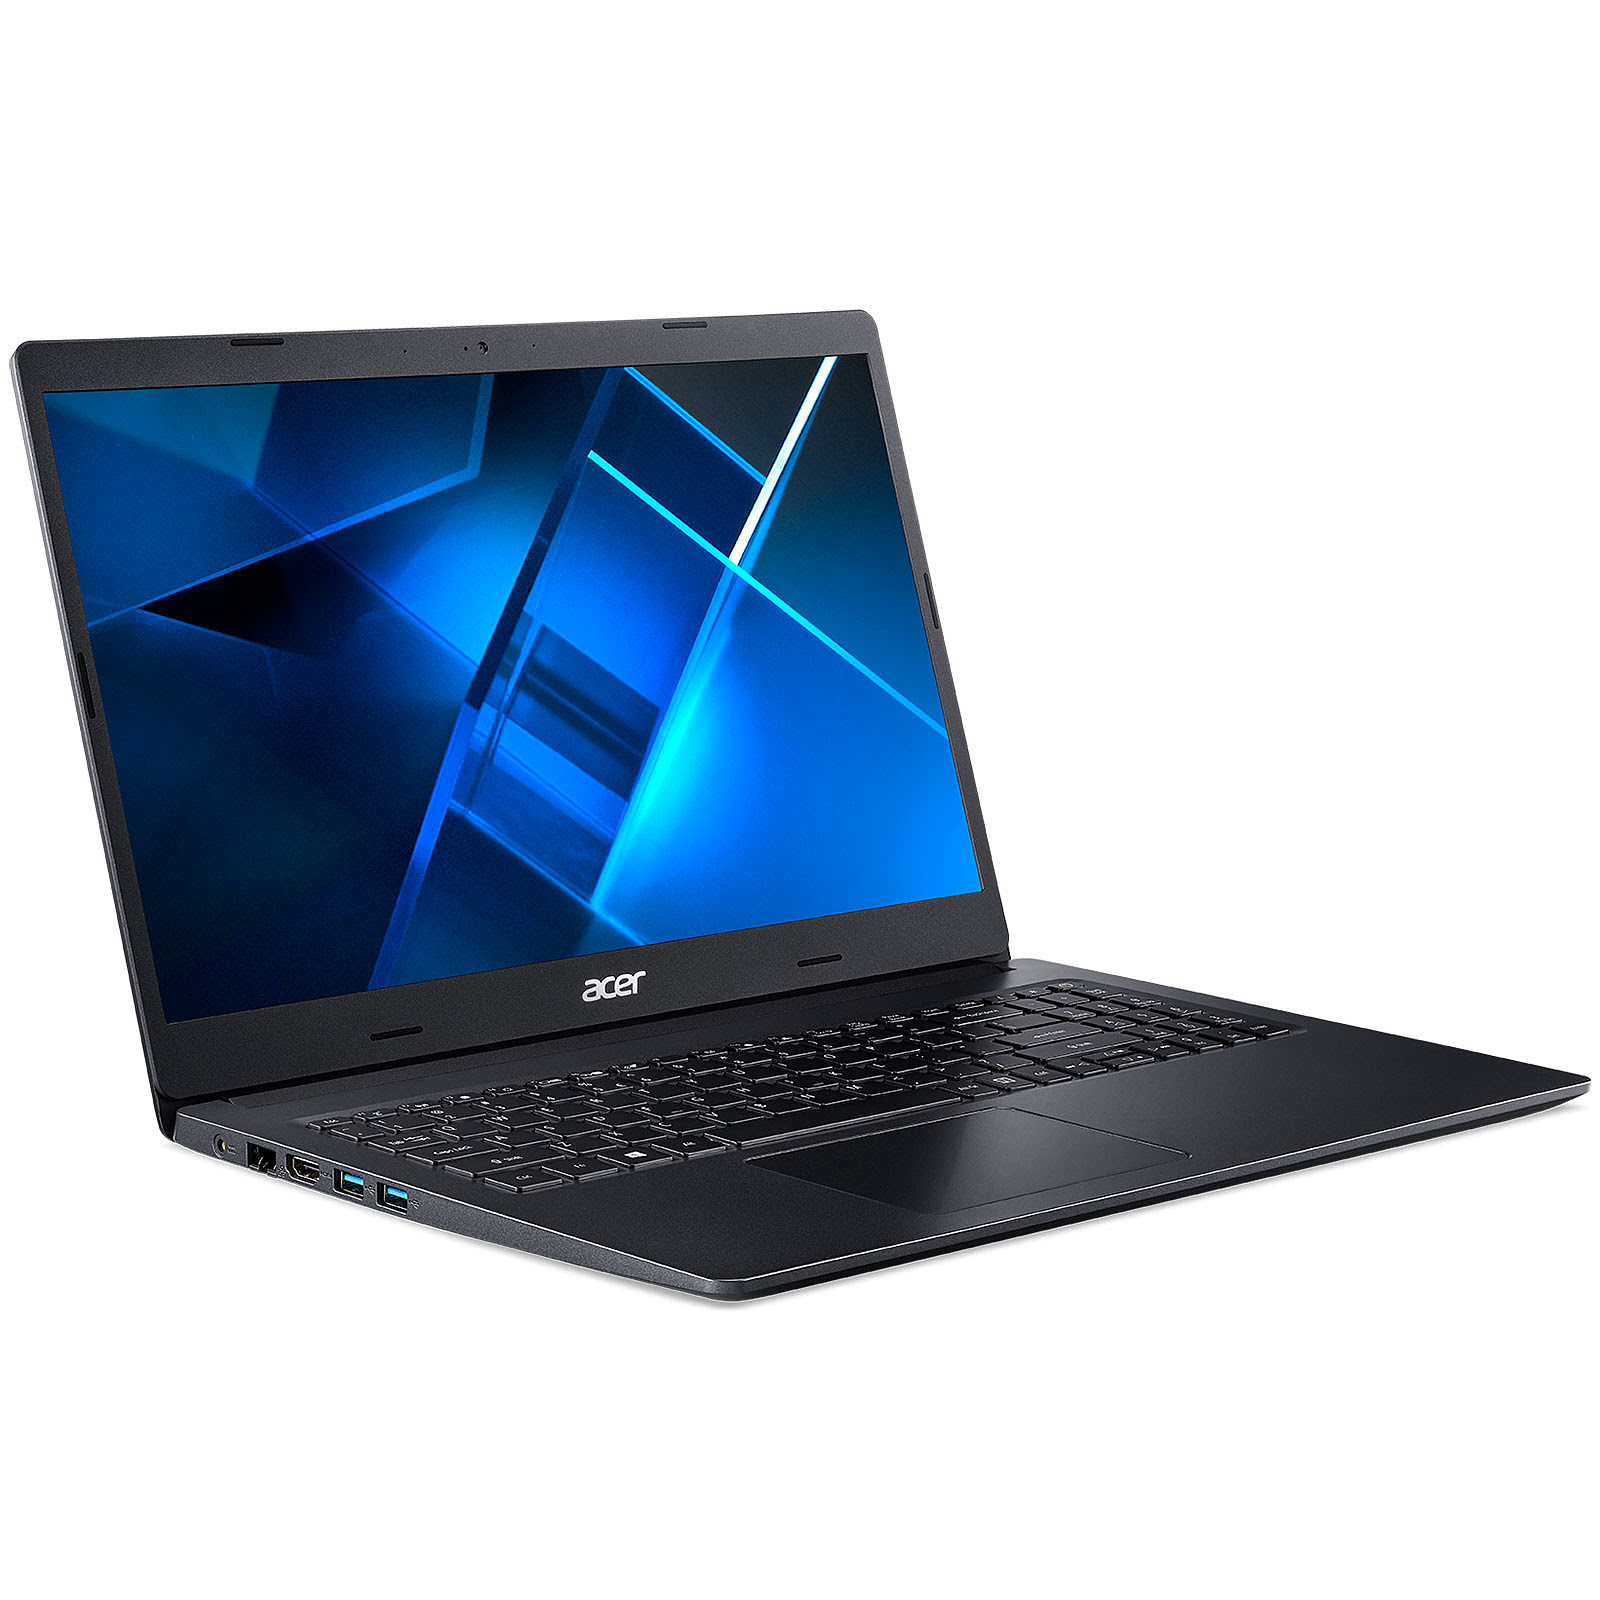 Acer NX.EG9EF.001 - PC portable Acer - Cybertek.fr - 0